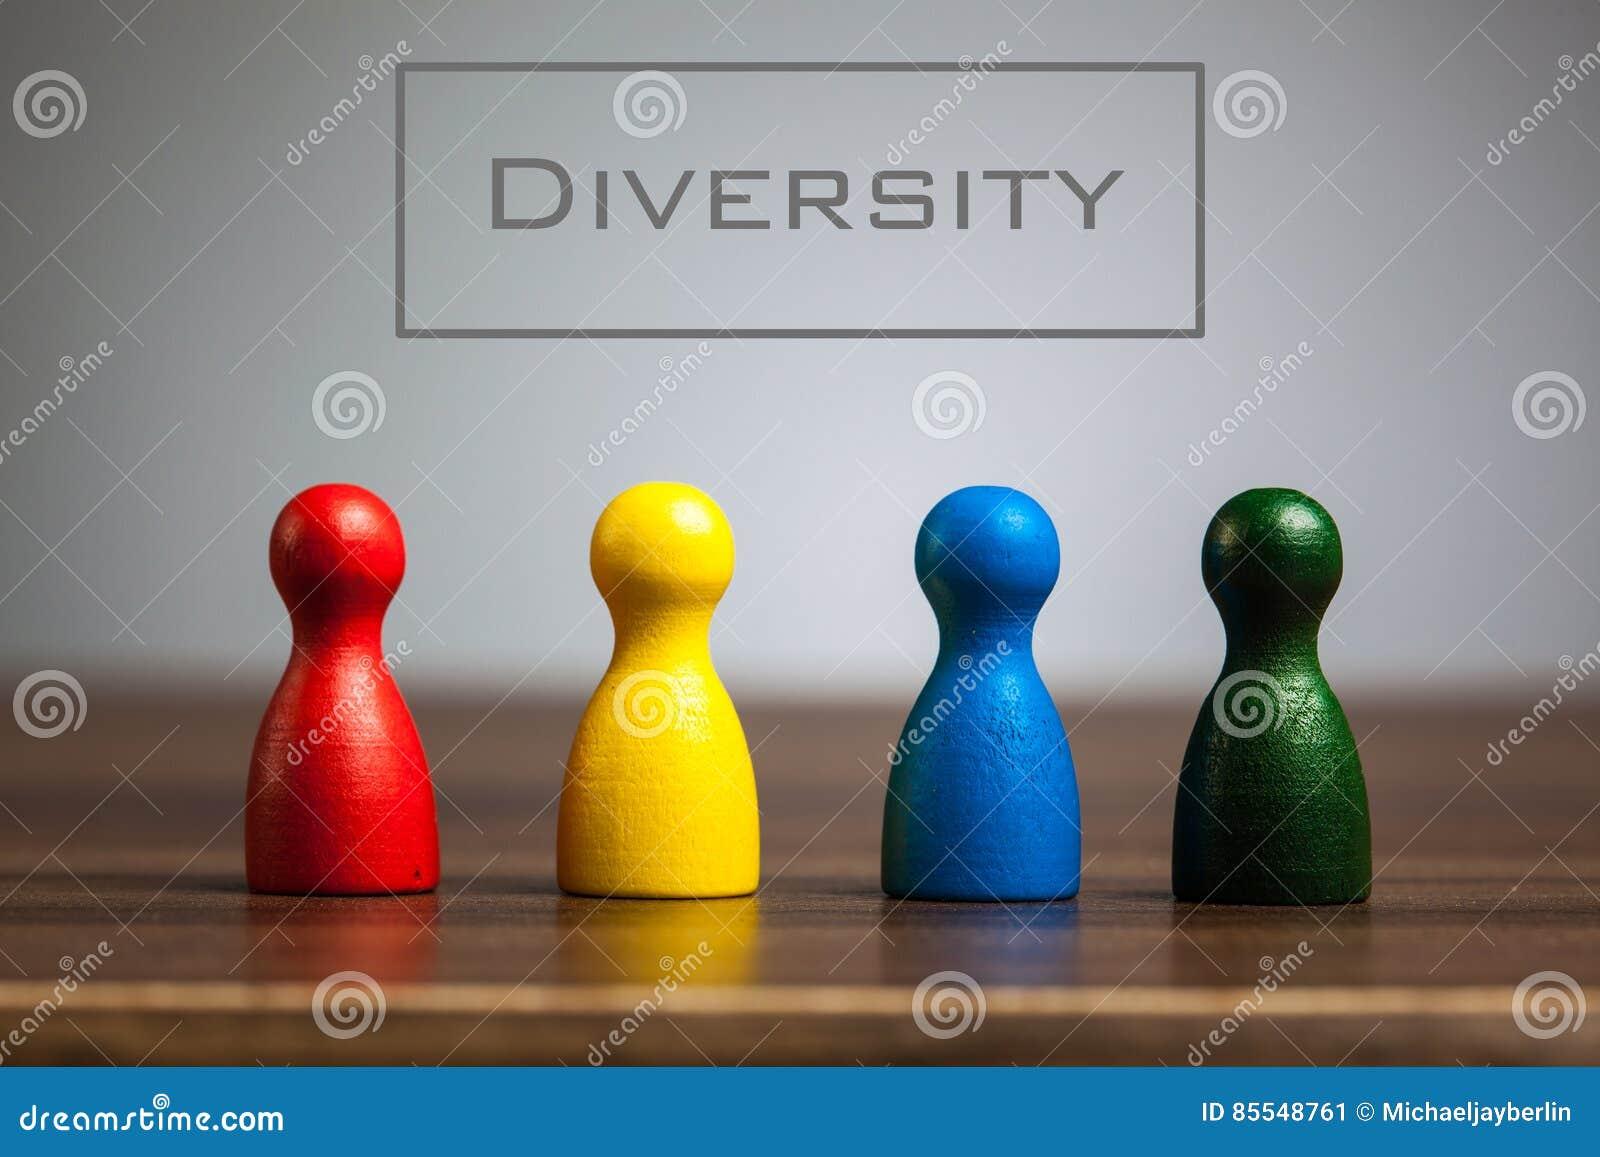 Concetto di diversità con quattro figurine del pegno sulla tavola